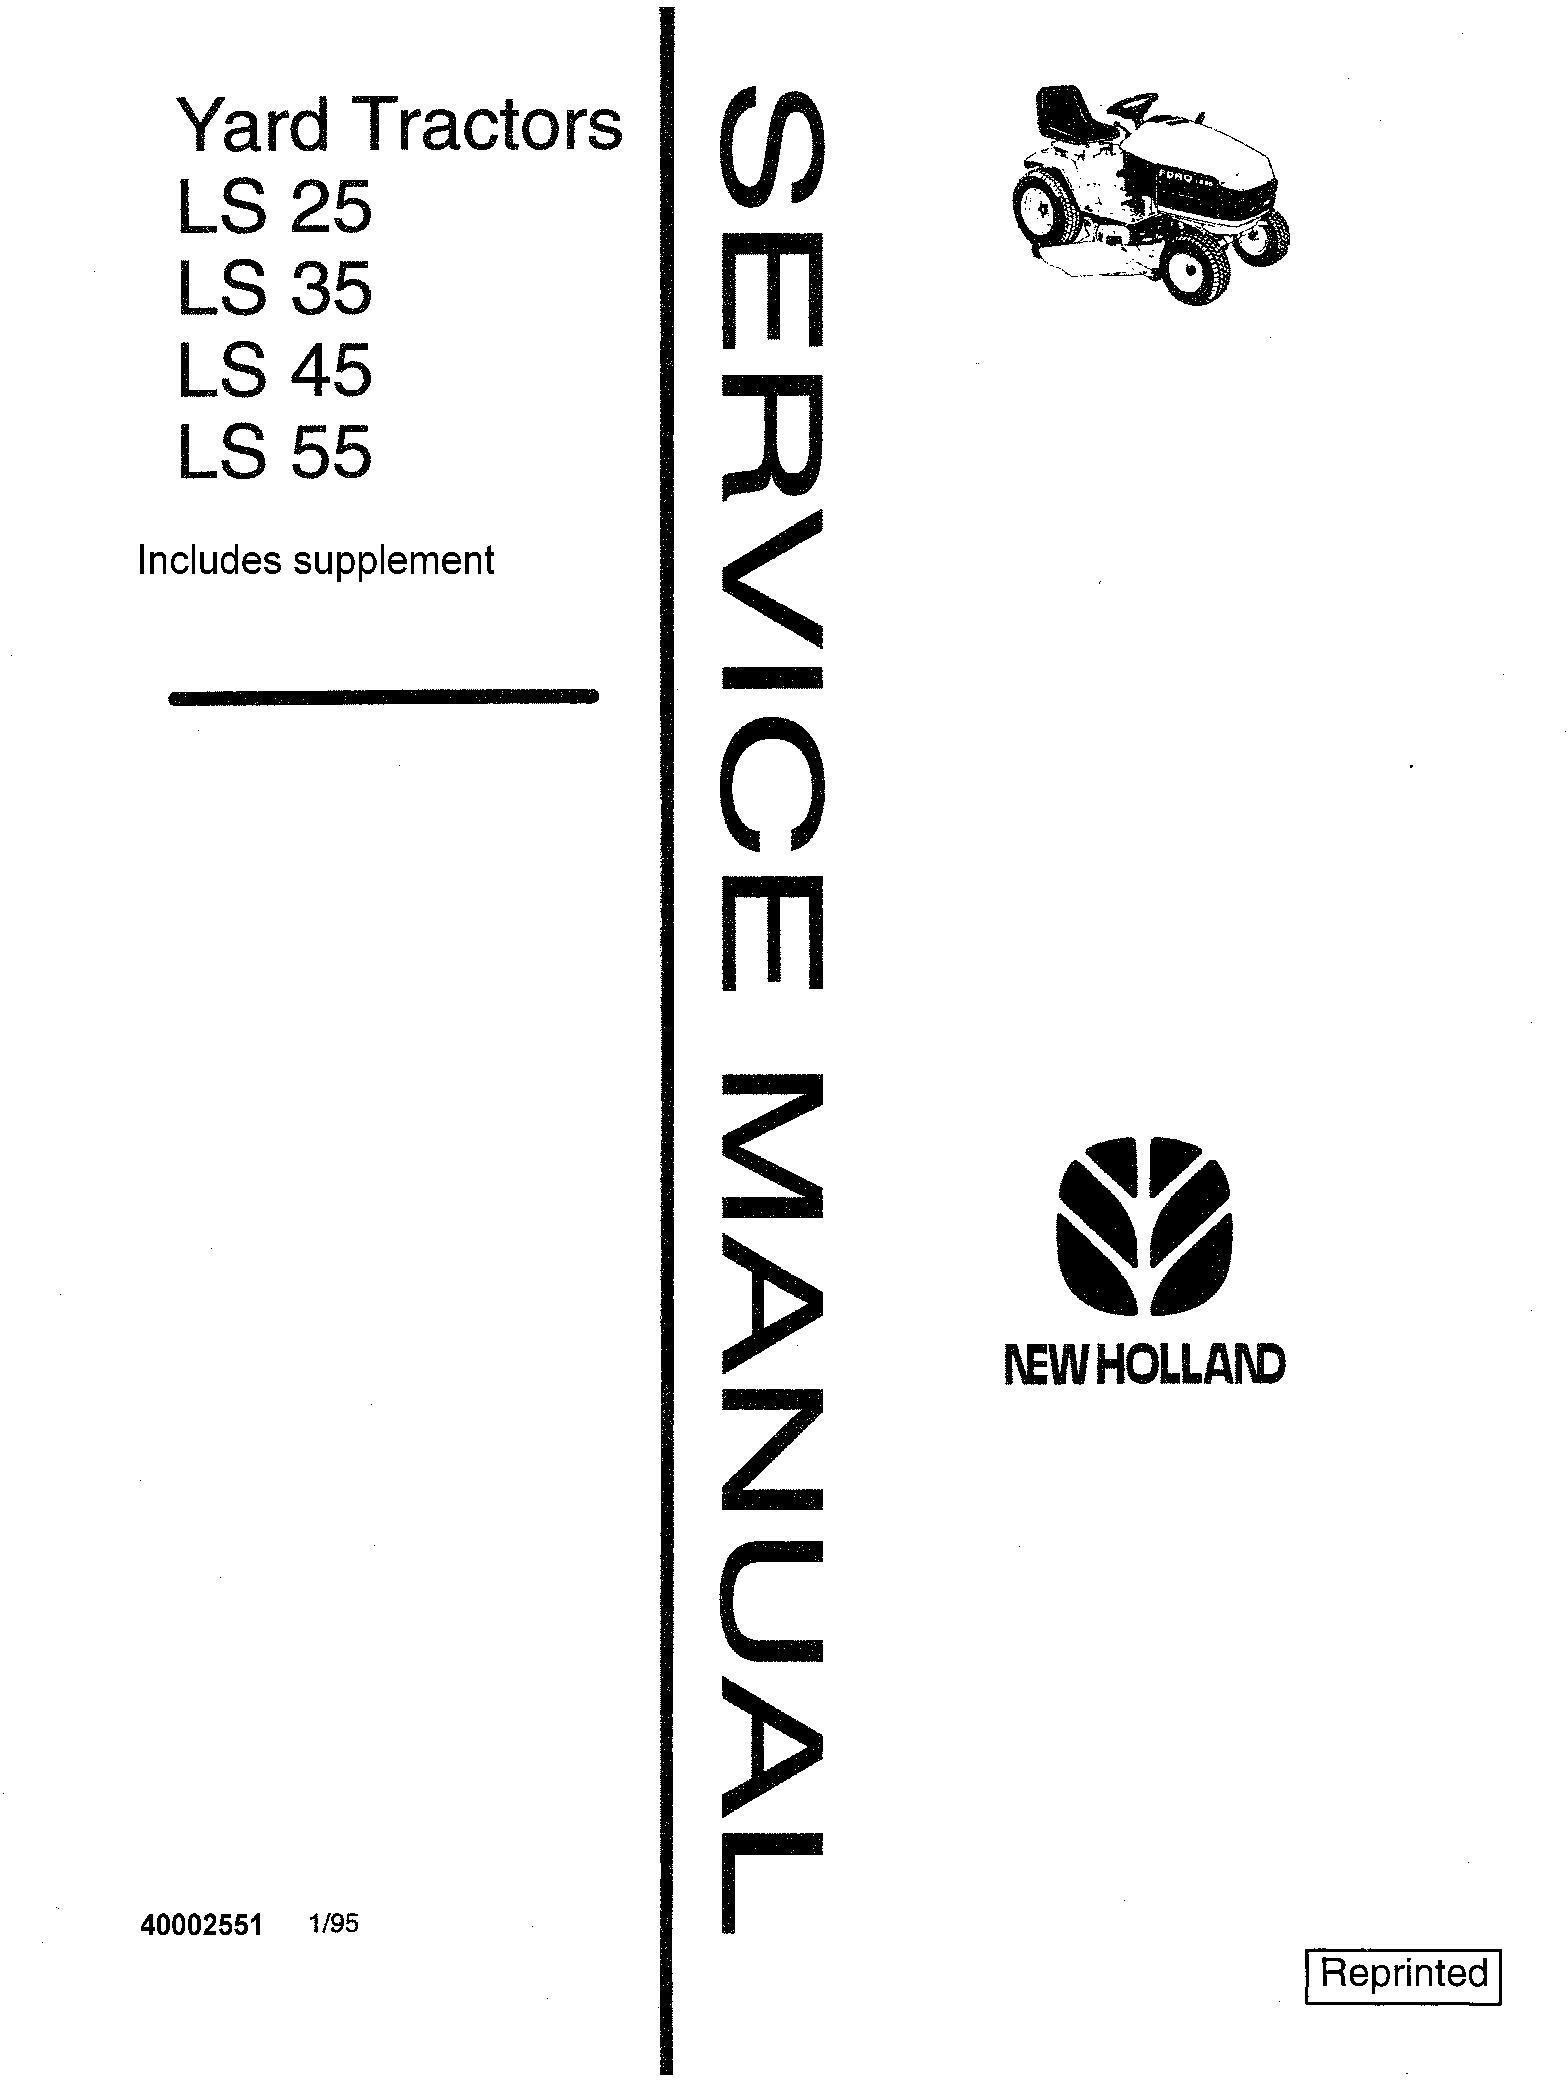 New Holland LS25, LS35, LS45, LS55 Yard Tractor Service